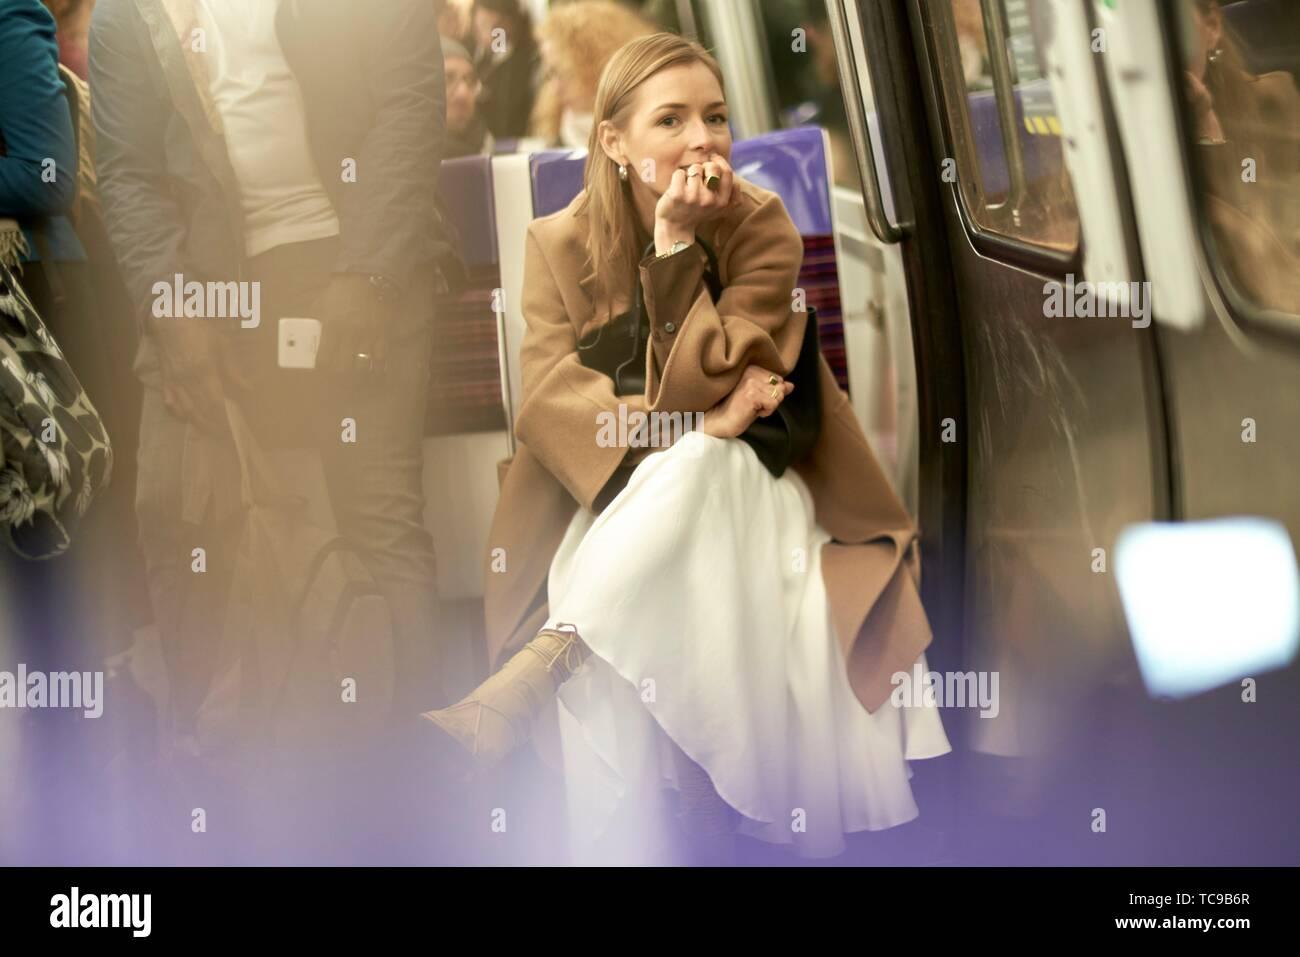 Blogger à la mode femme assise dans le métro, en utilisant les transports publics, au cours de la semaine de la mode, ville de Paris, France Banque D'Images